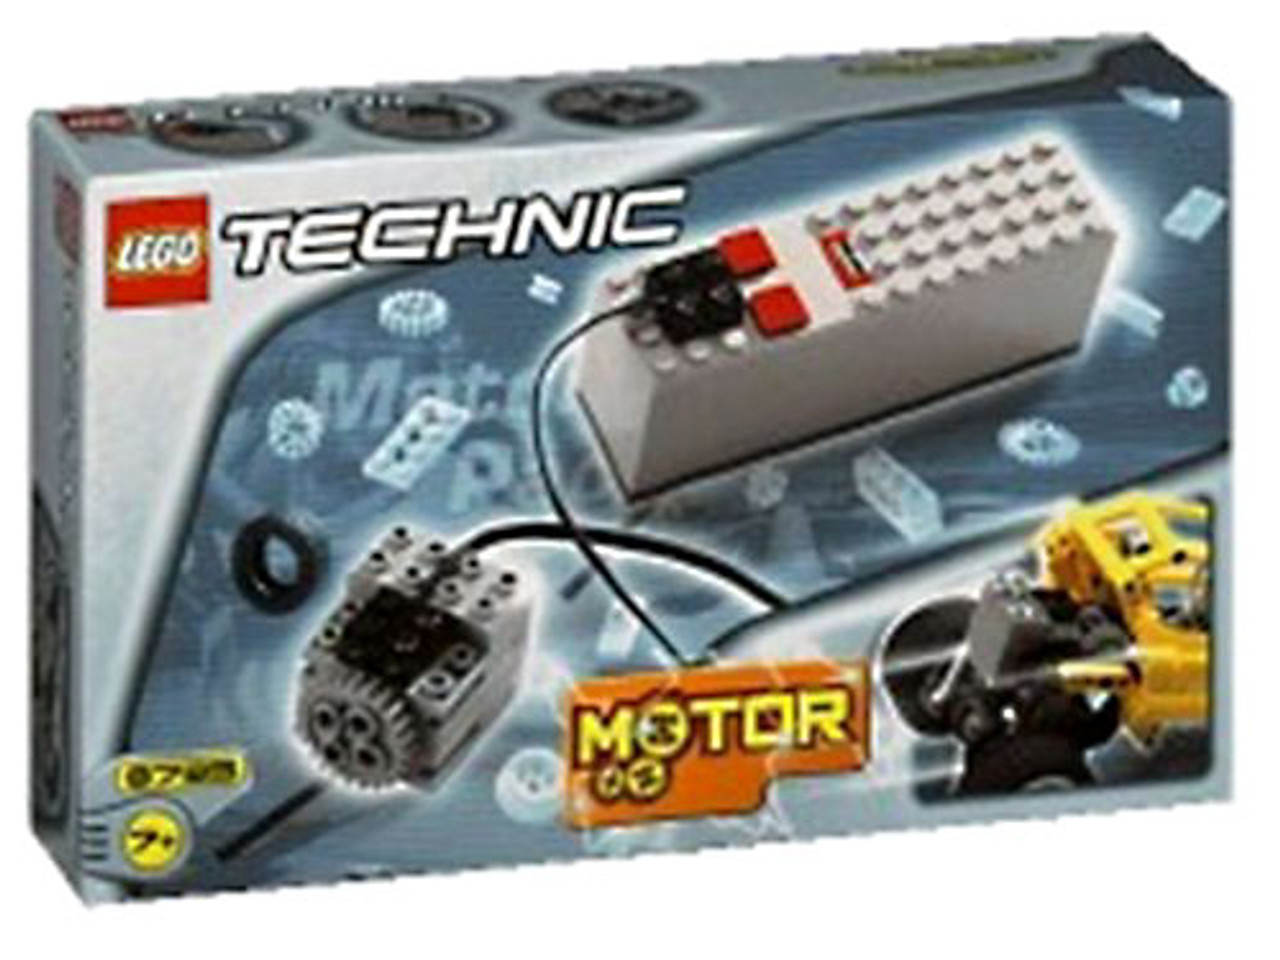 lego technic 9 volt motor set 8735 toywiz. Black Bedroom Furniture Sets. Home Design Ideas